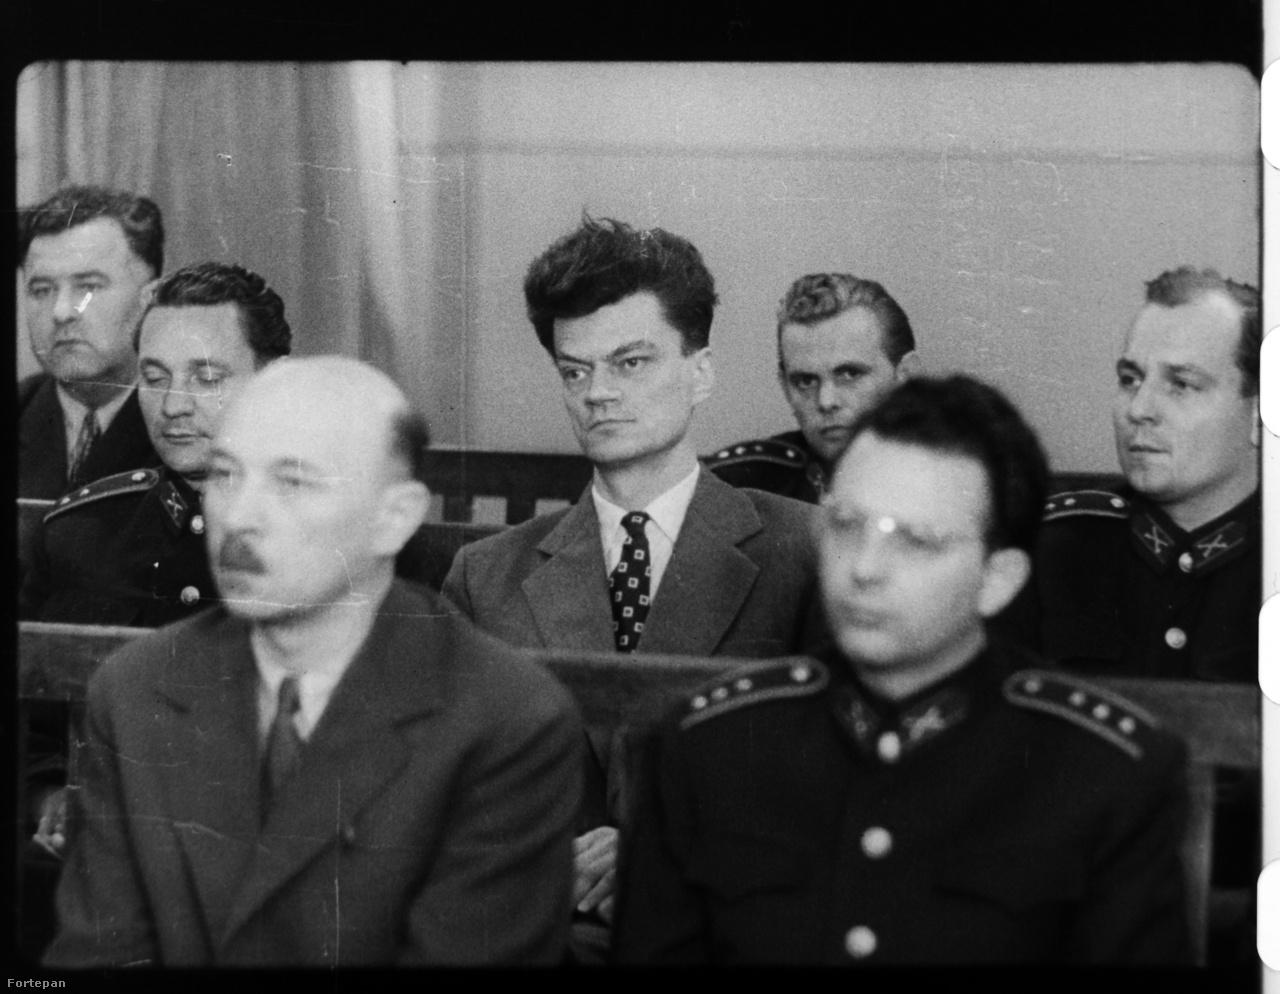 '57 júniusában Kádár és Biszku titokban Moszkvába utazott, ekkor döntöttek a koncepcióról. A pert már '58 elején, februárban elindították, de egy hét után leállították. Többféle feltételezés is volt, hogy miért; azt is mondták, hogy az eredetileg kijelölt bíró, Radó Zoltán túl emberséges volt a vádlottakkal, ezért váltották le, de a pert valójában Moszkvában állították le, külpolitikai okok, főként az olasz választások miatt. A tárgyalást júniusban folytatták egy új bíró, Vida ferenc vezetésével. A képen Jánosi Ferenc, Maléter Pál és Donáth Ferenc vádlottak.